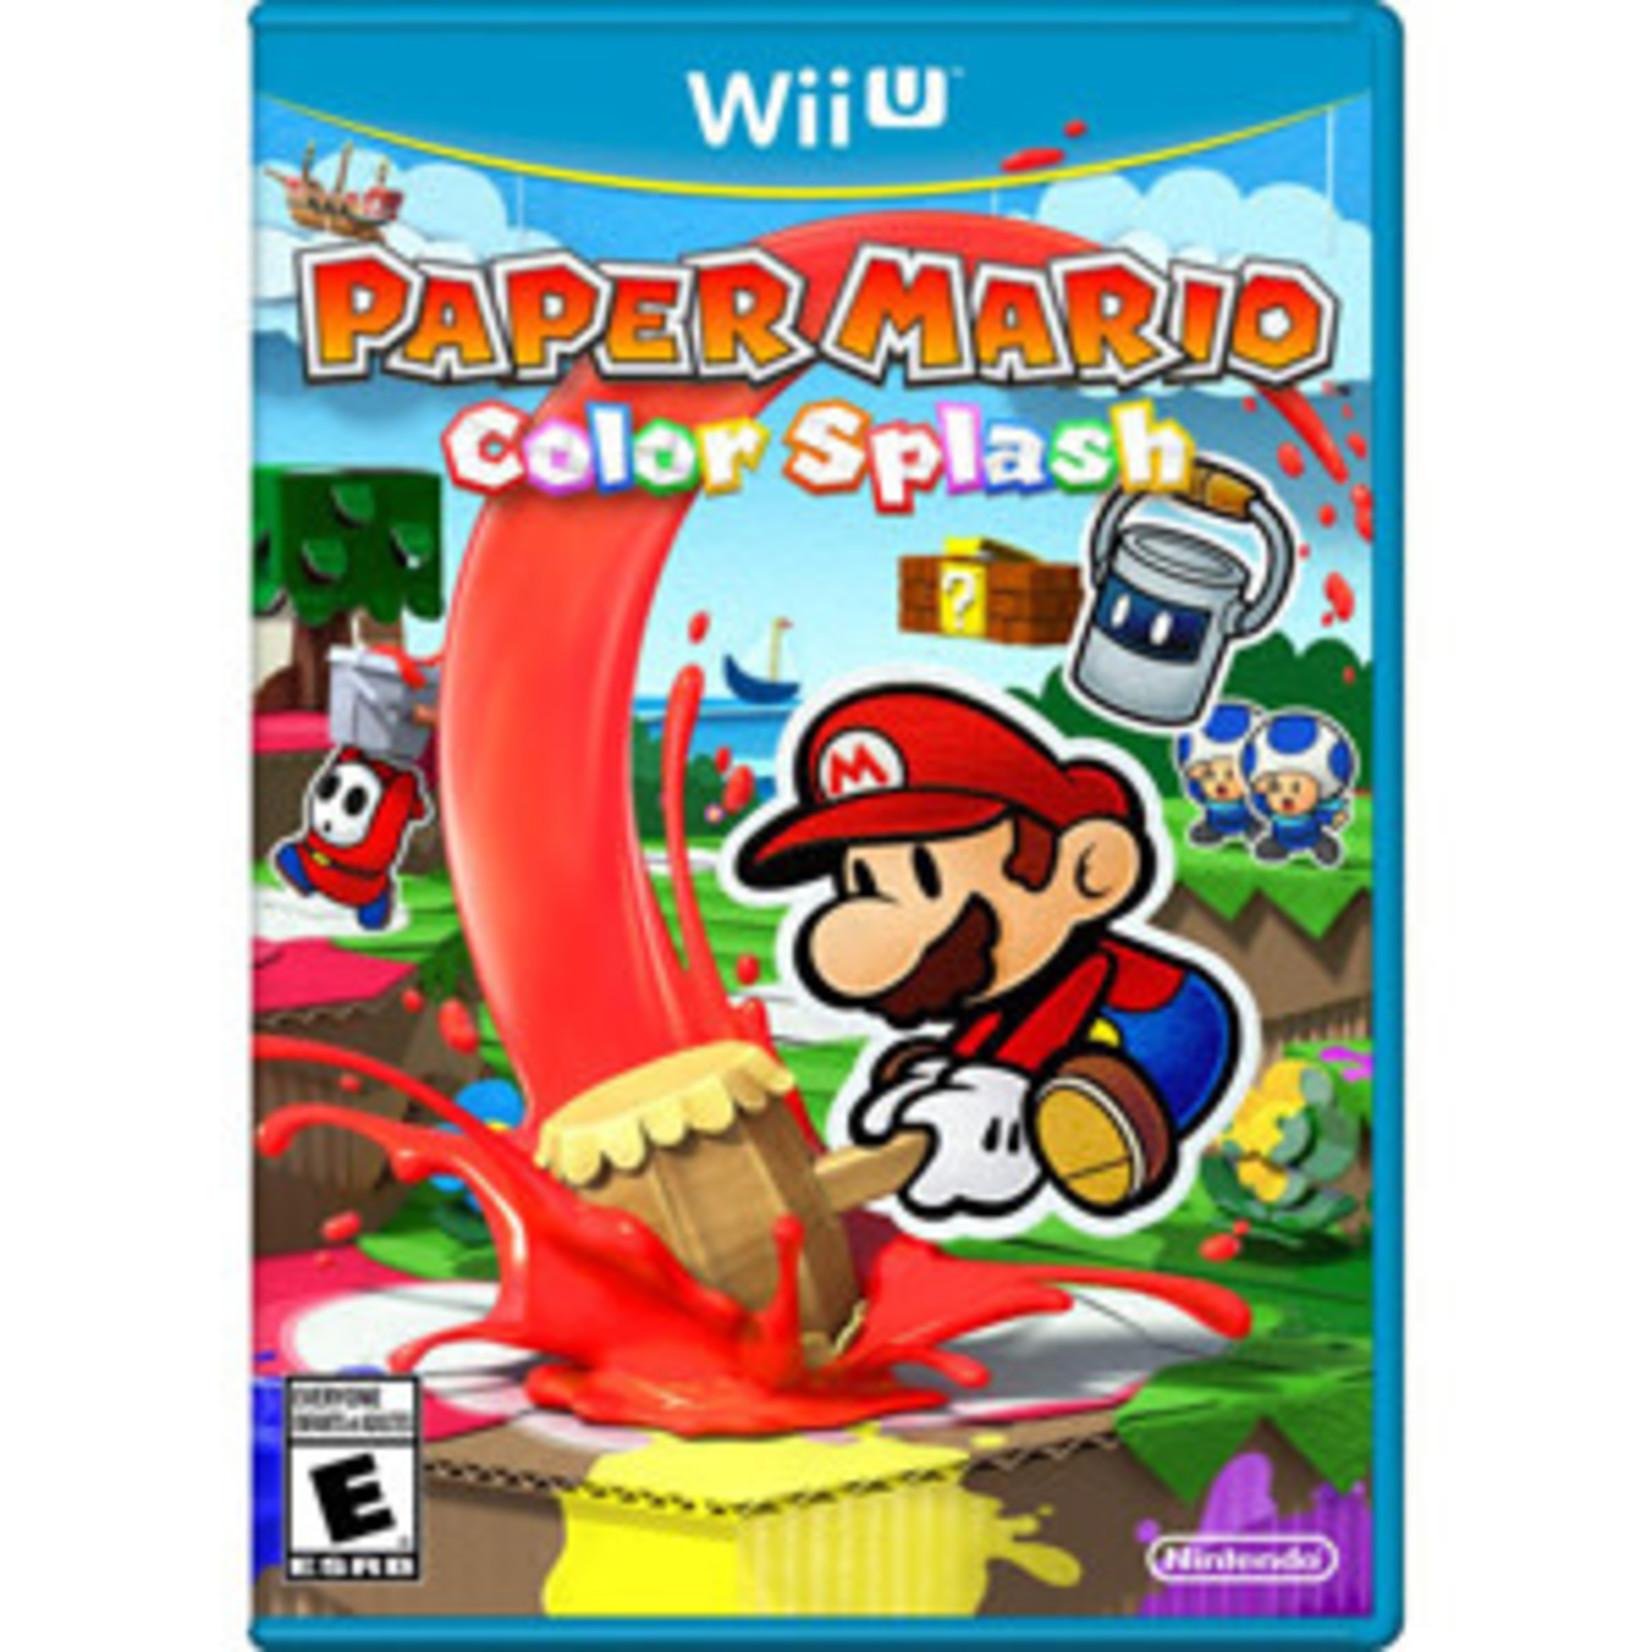 WIIU-Paper Mario Color Splash